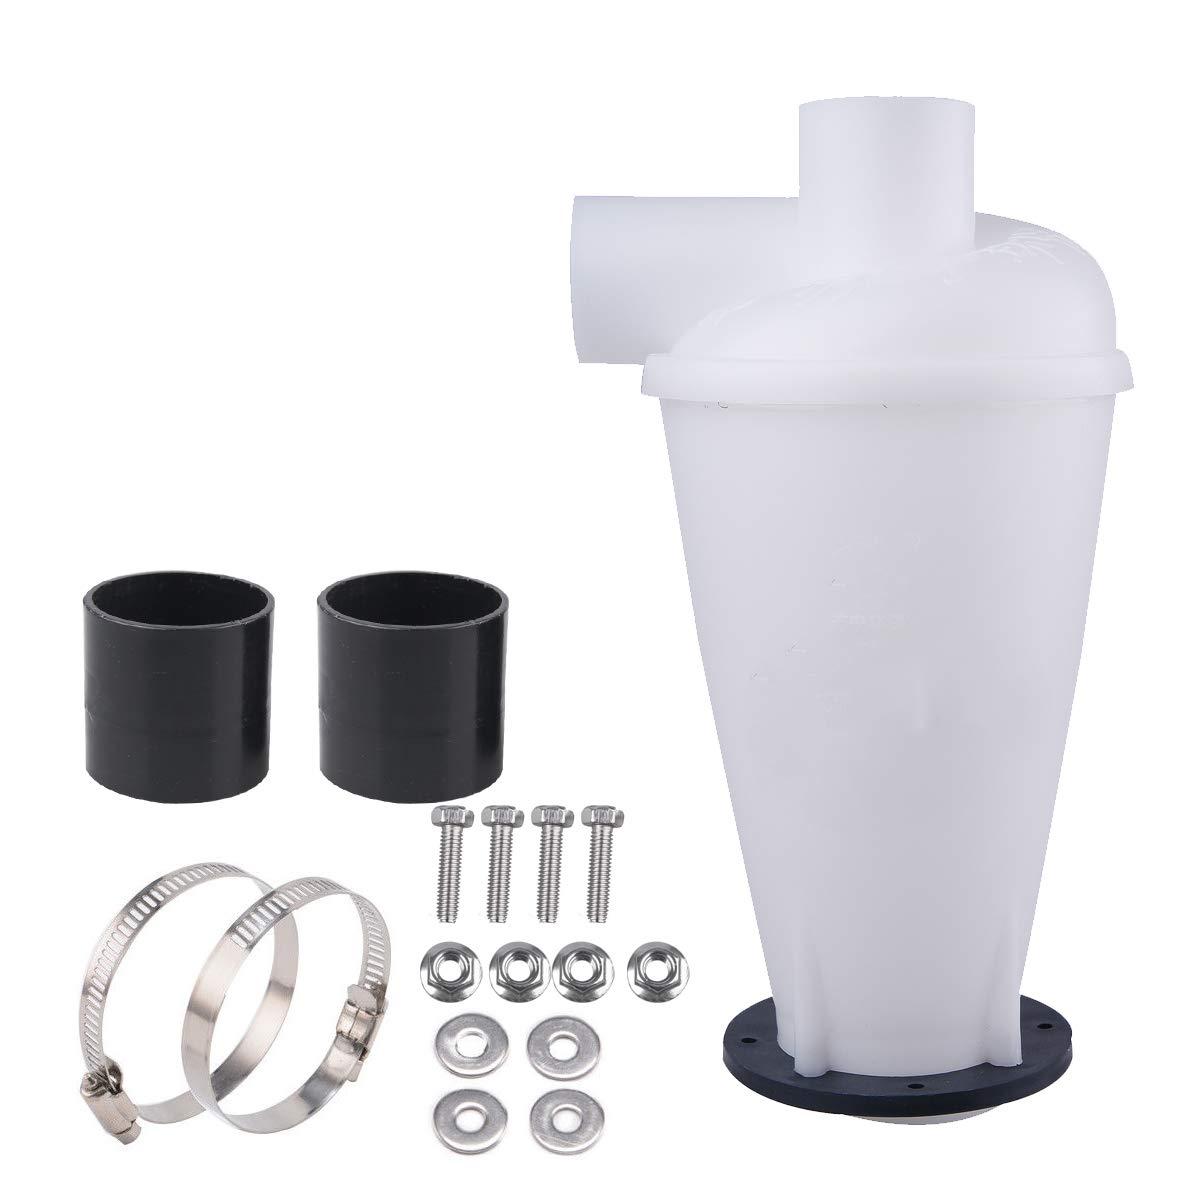 Vinteky Separador Cicl/ónico Negro con base Filtro del Separador de Polvo del Cicl/ón para Aspiradoras